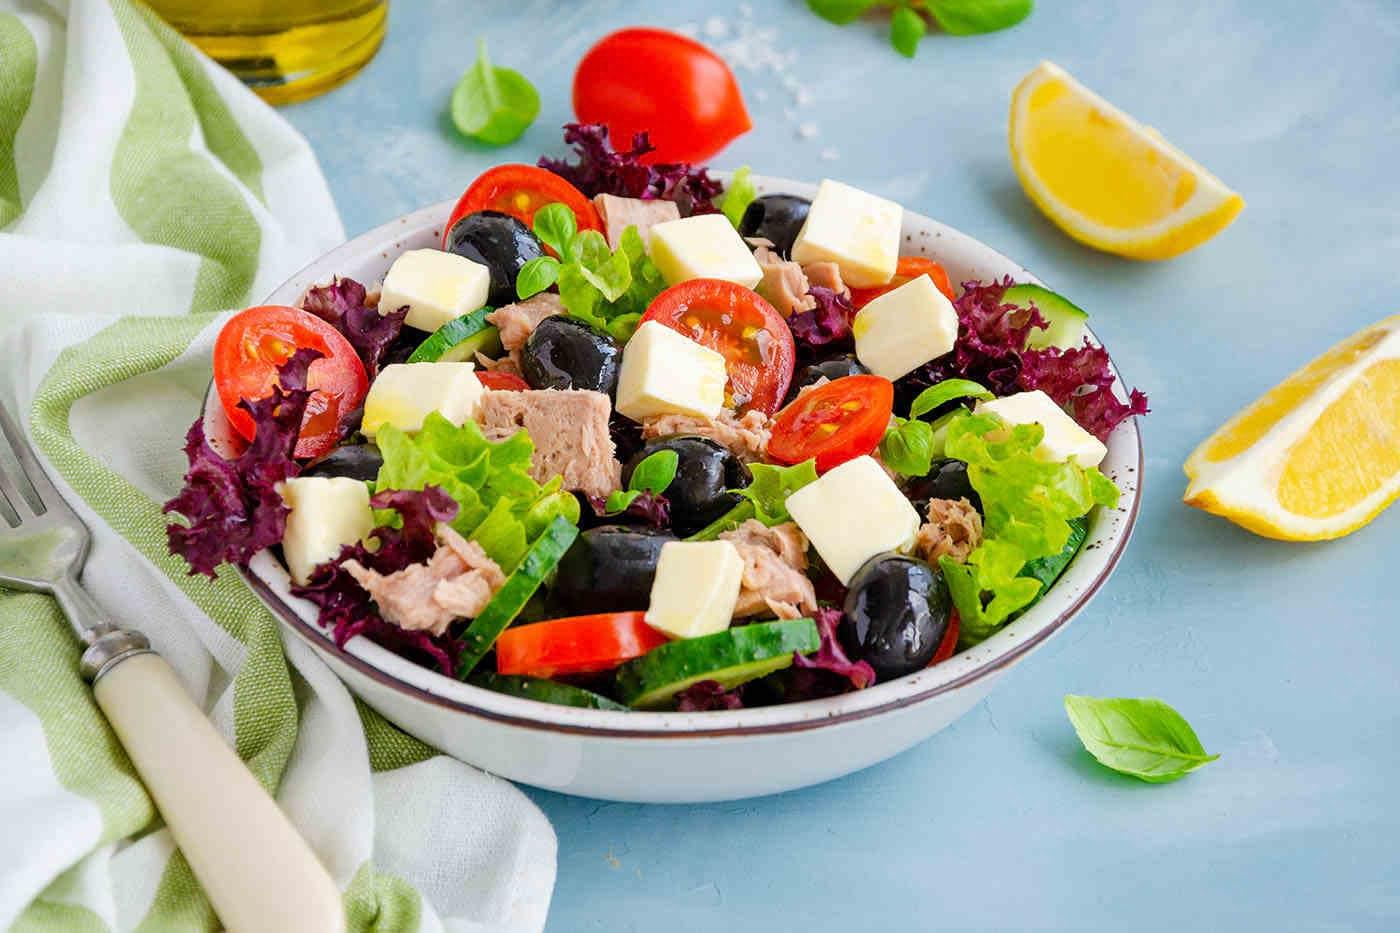 Dieta mediteraneeană: de ce este ușor de ținut?